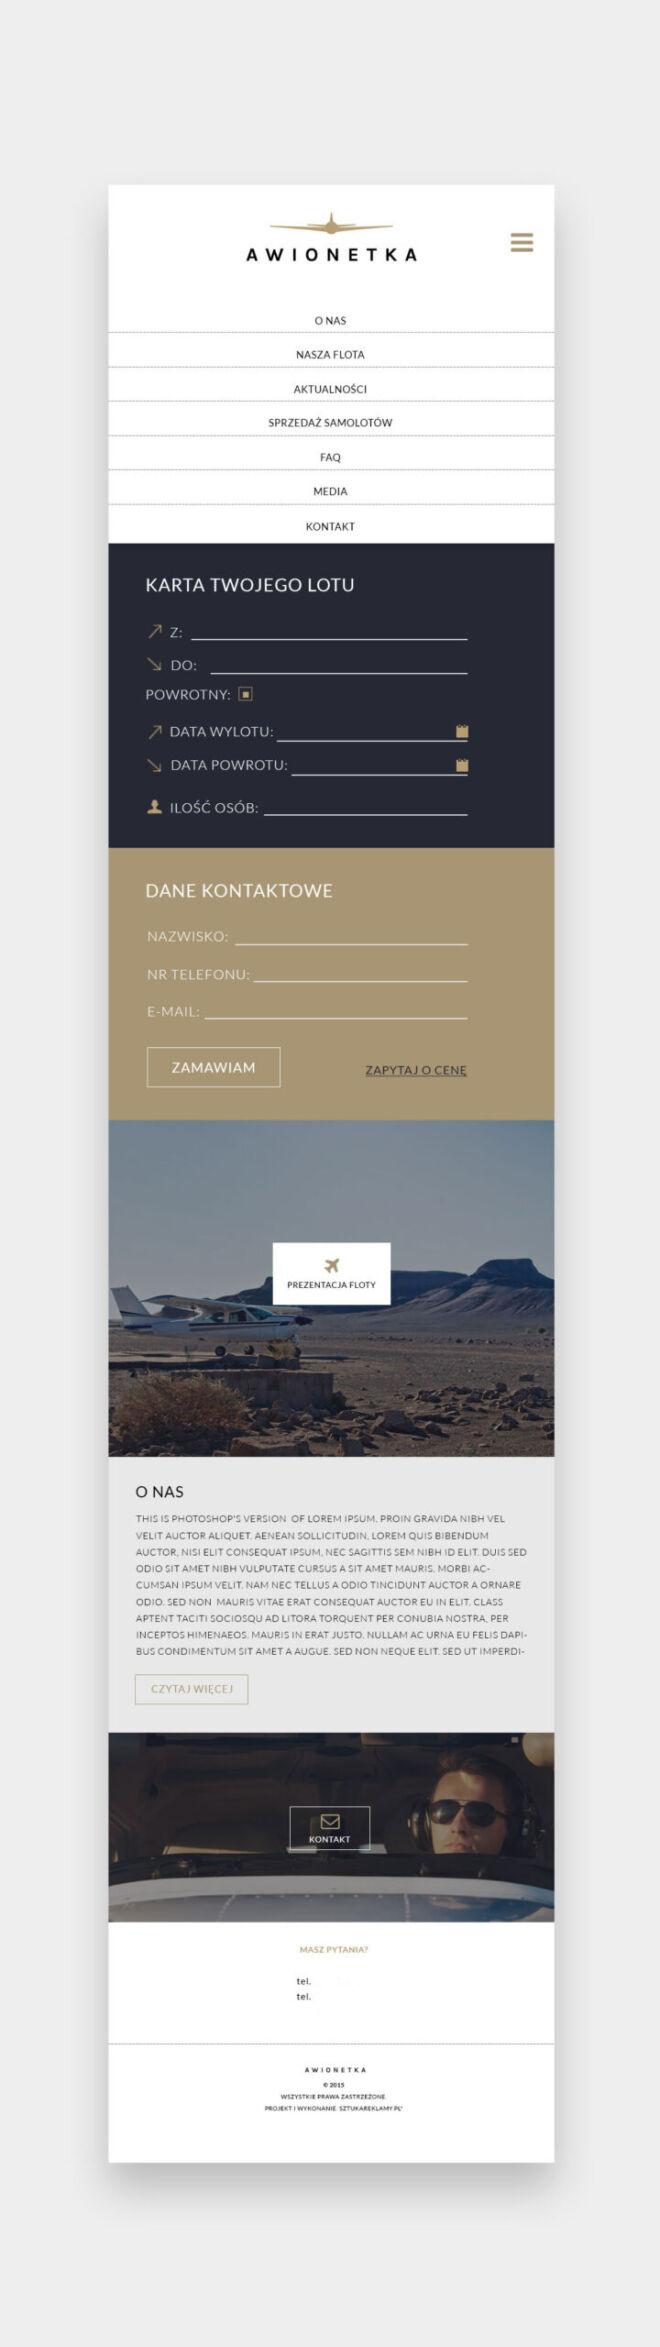 projektowanie graficzne www landing page glogow